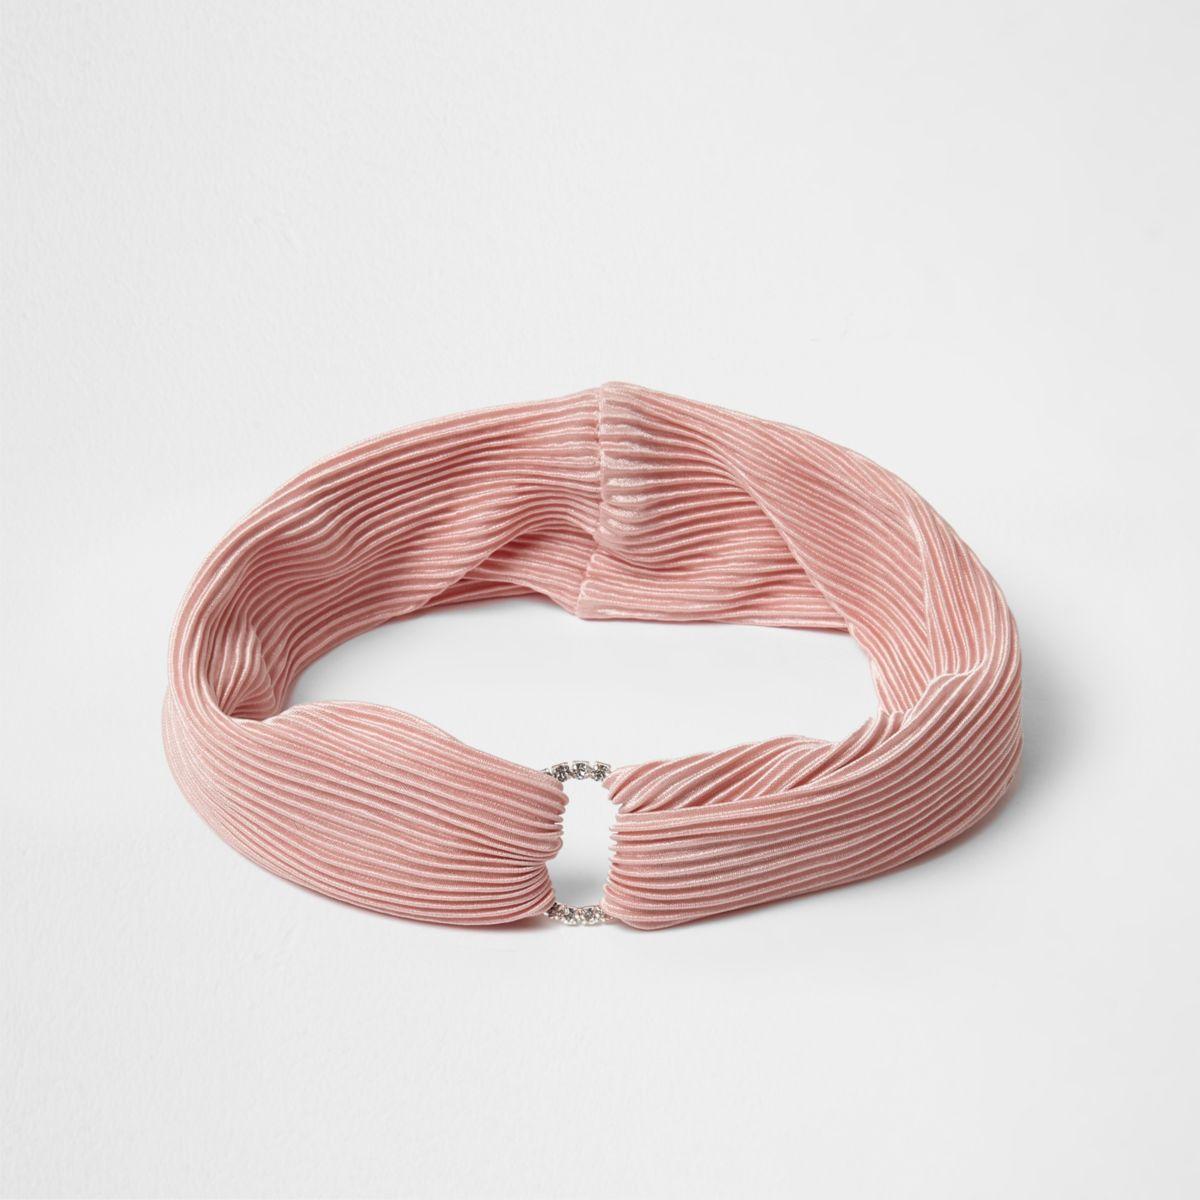 Roze geplooide hoofdband met cirkel bezet met diamantjes